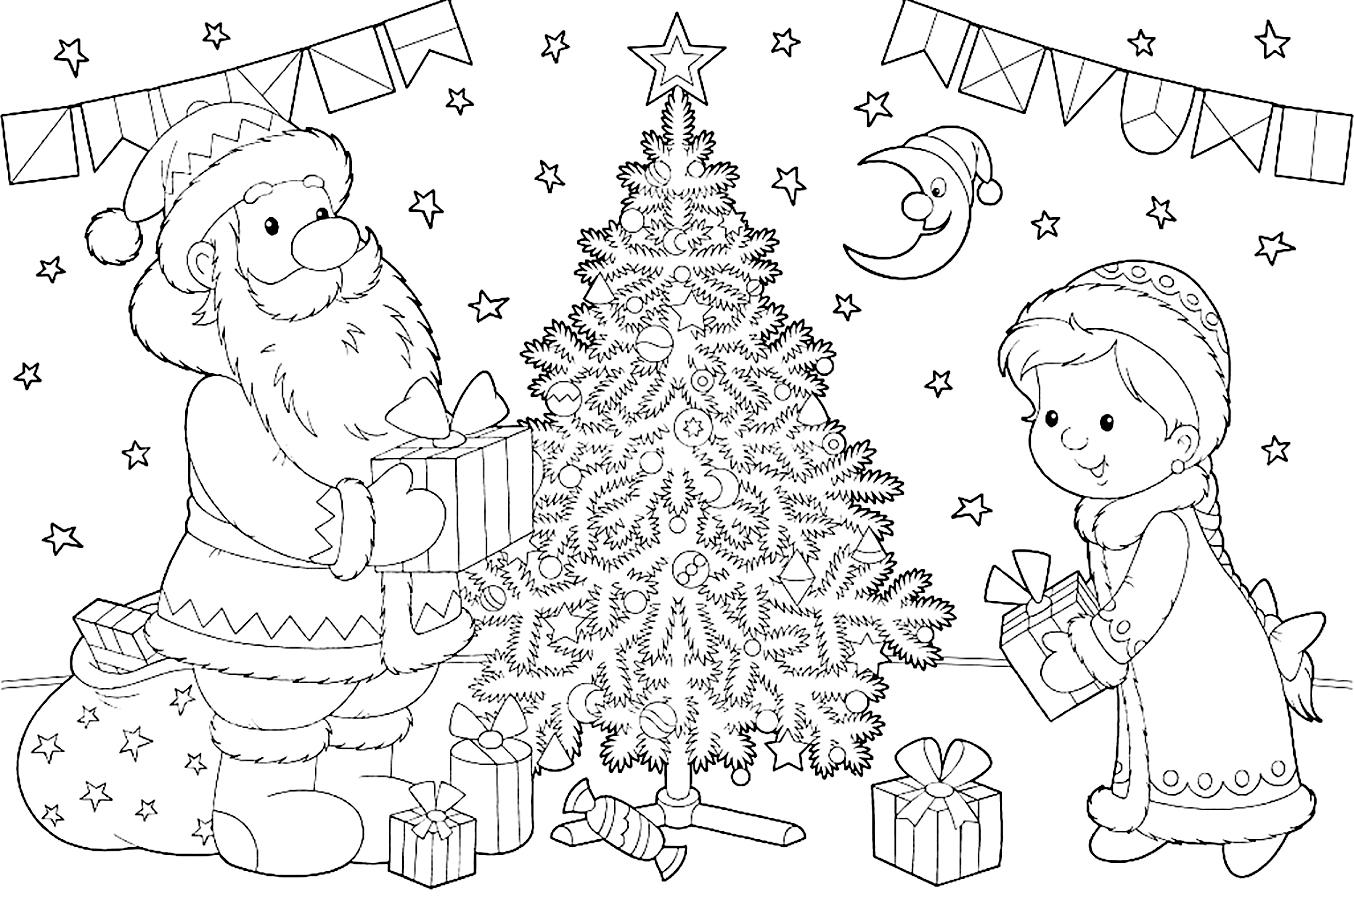 Дед мороз и Снегурочка рисунок карандашом на Новый год 2019